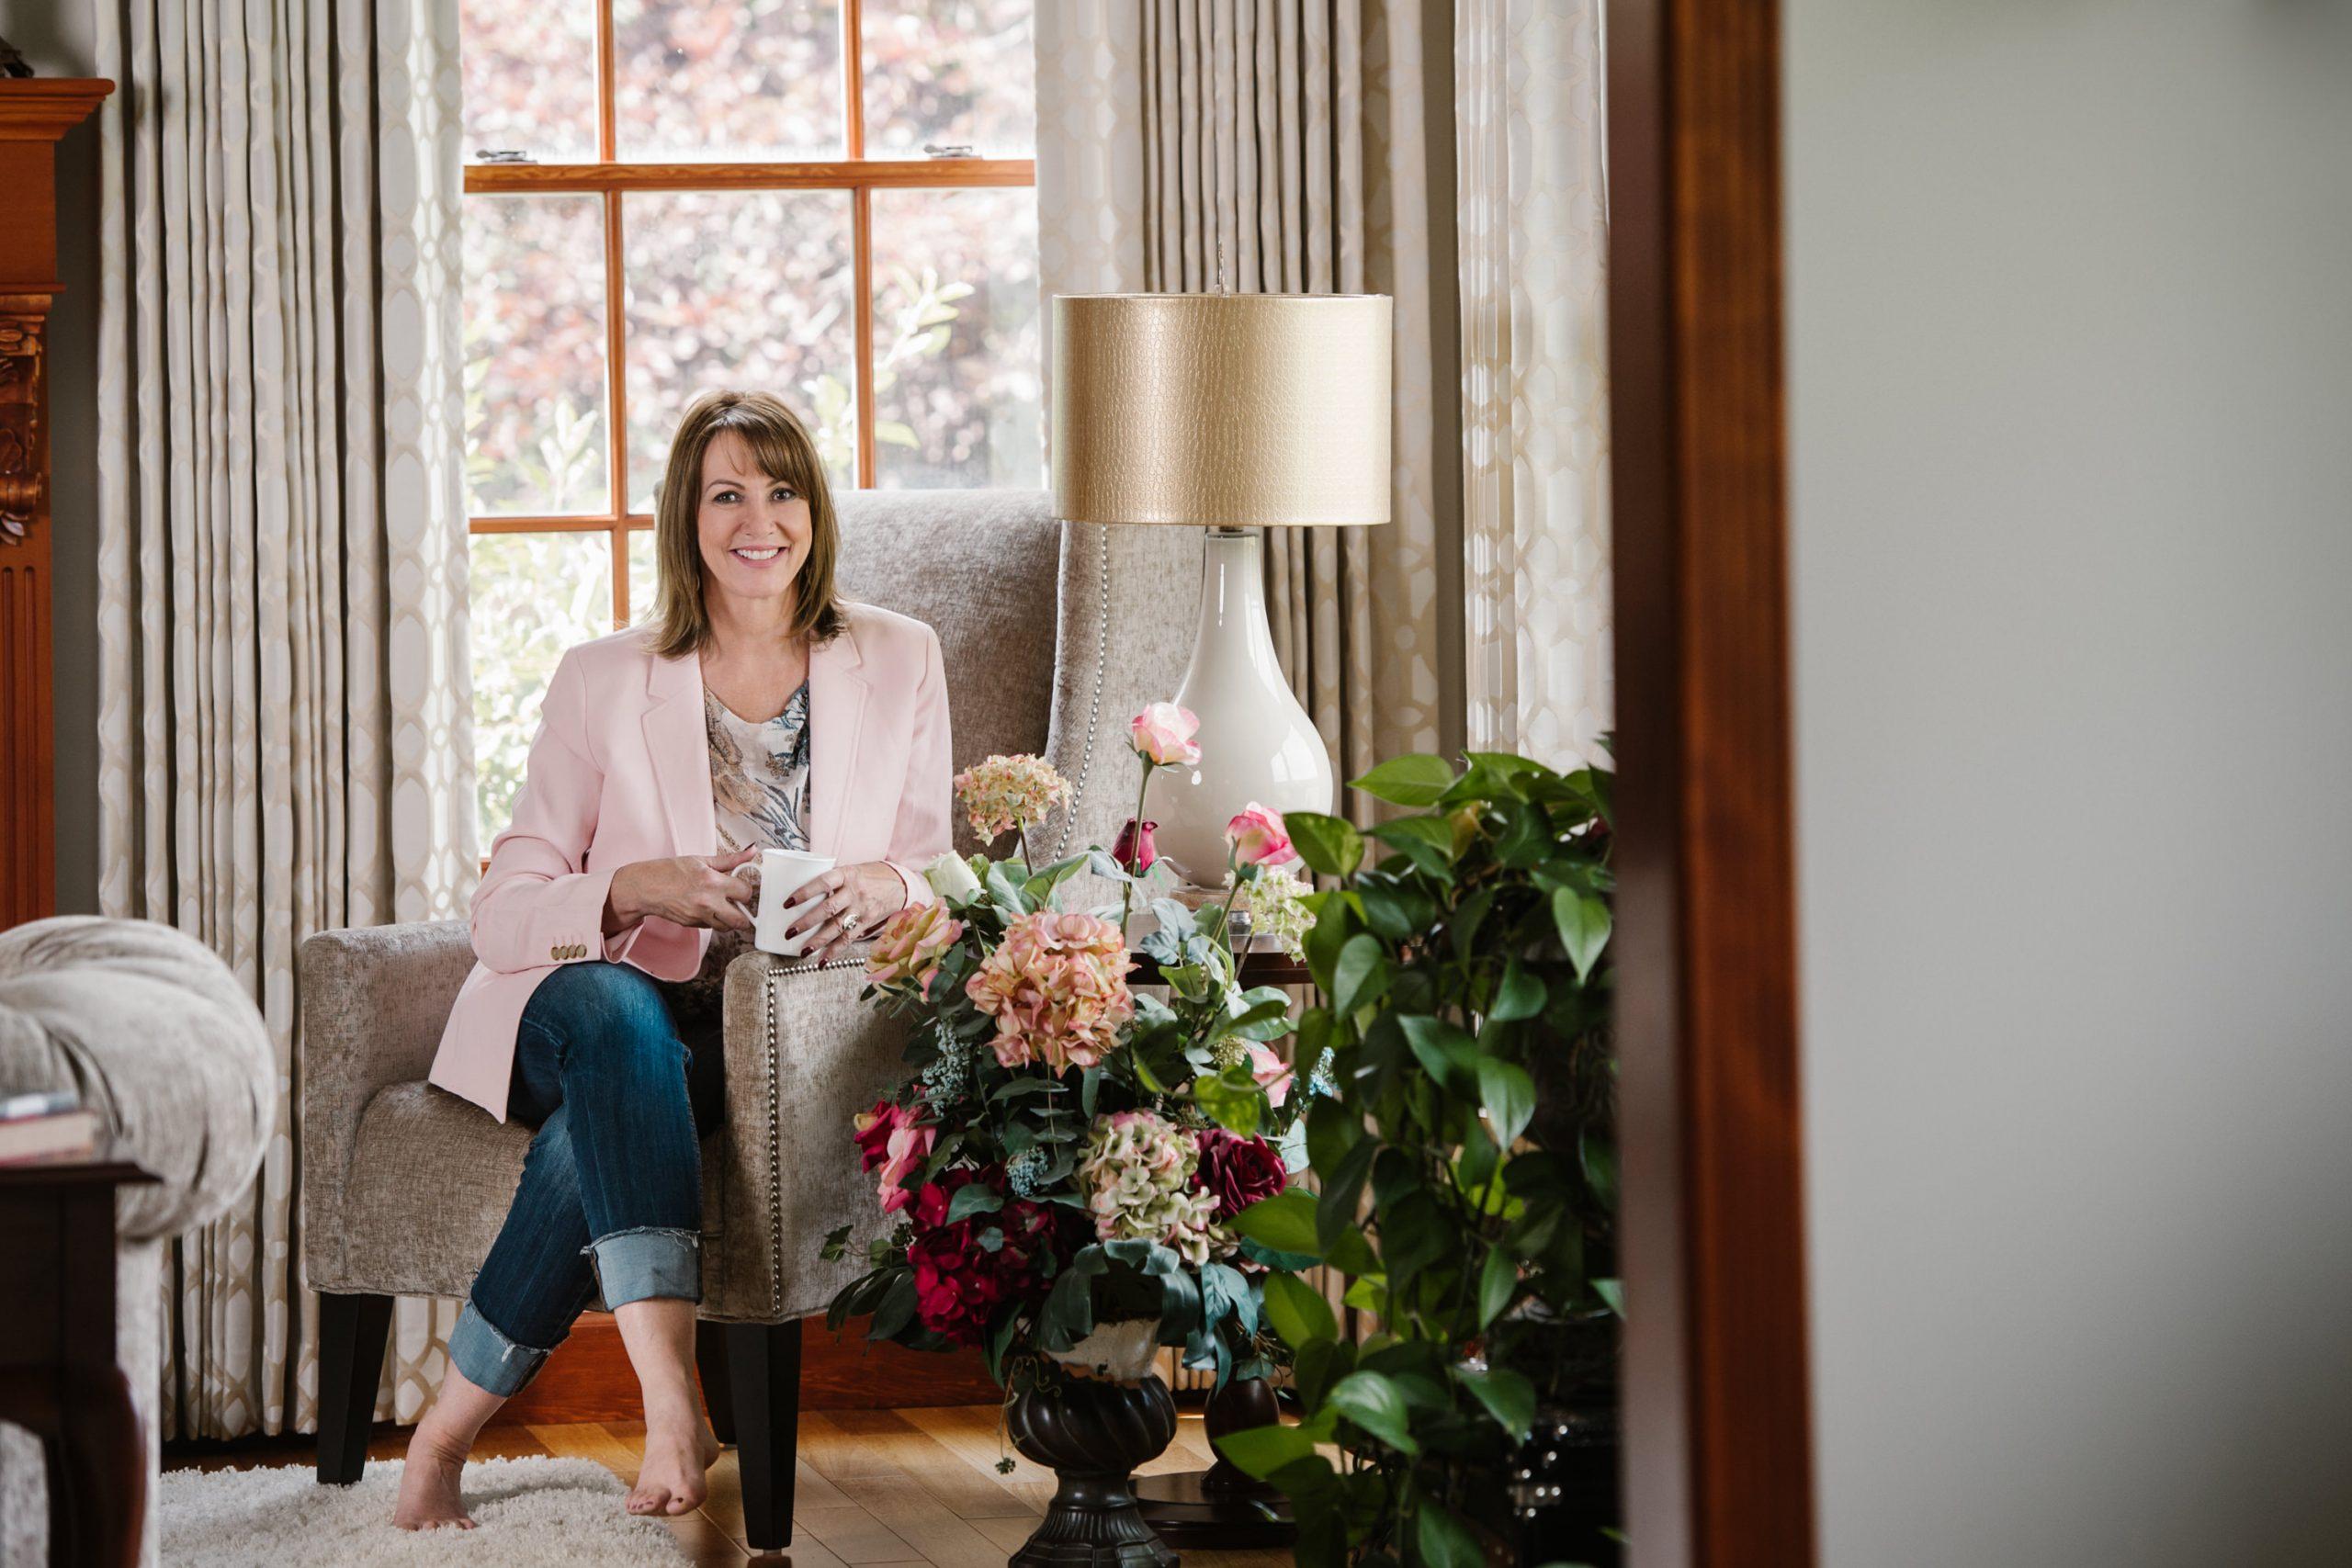 Merritt Nicola Valley headshot photographer for entrepreneurs and business women Realtor